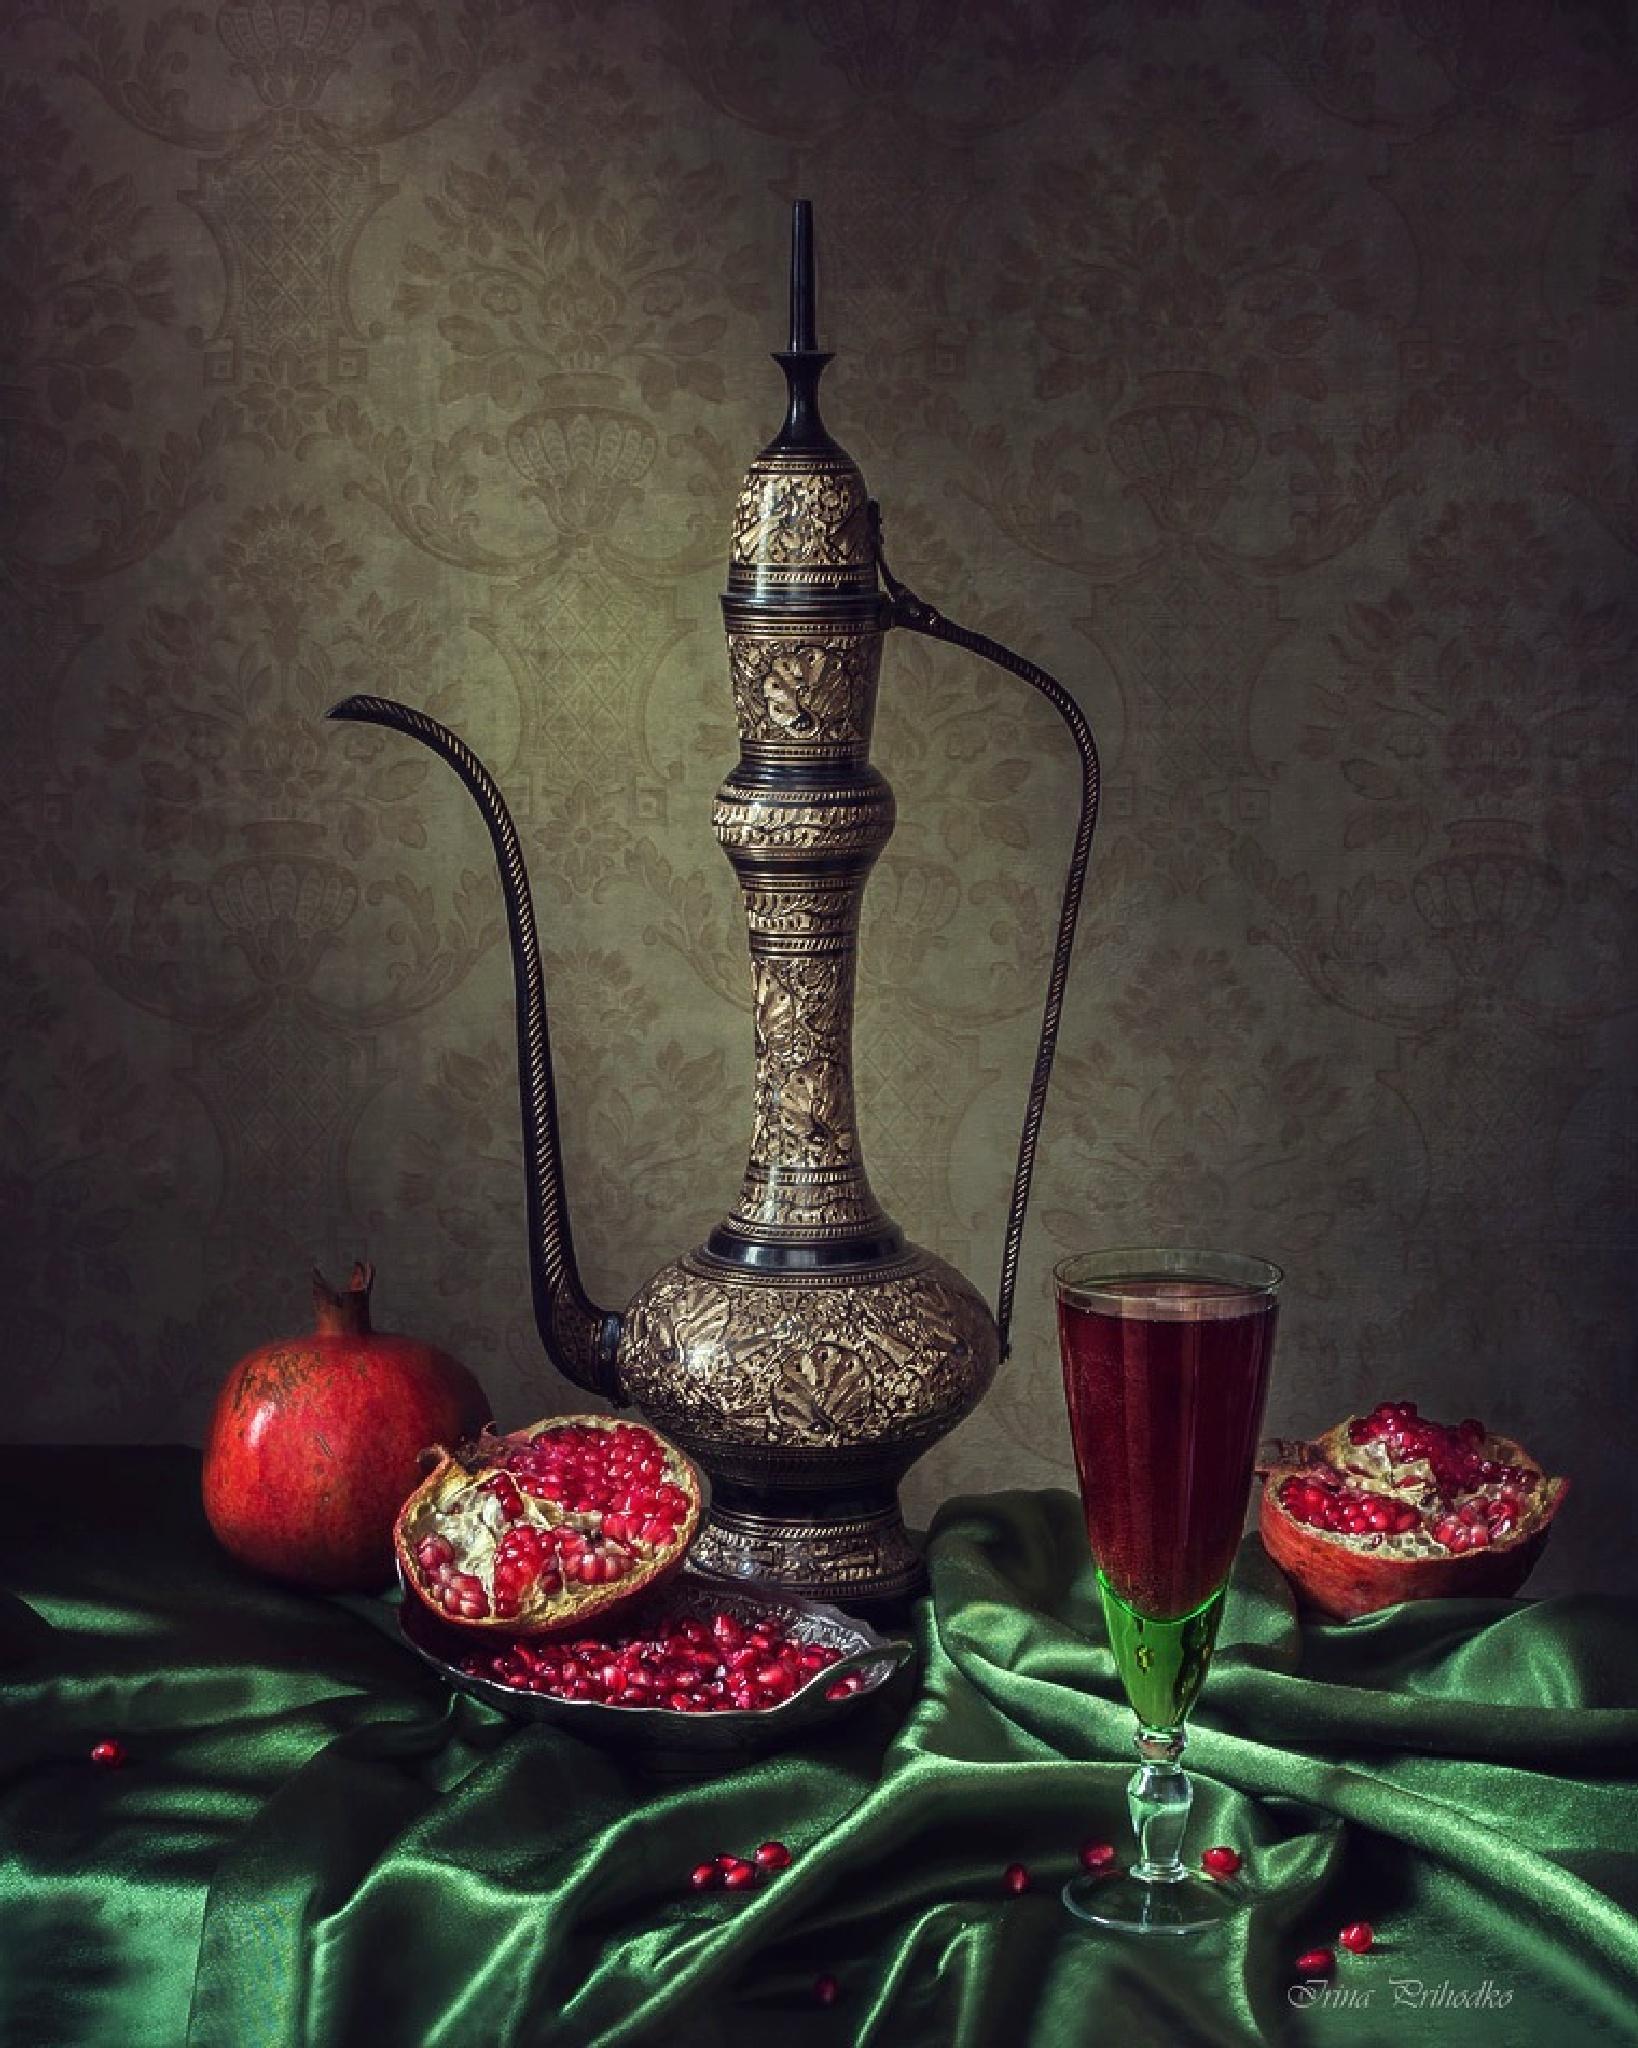 With pomegranate juice by Prikhodko Irina